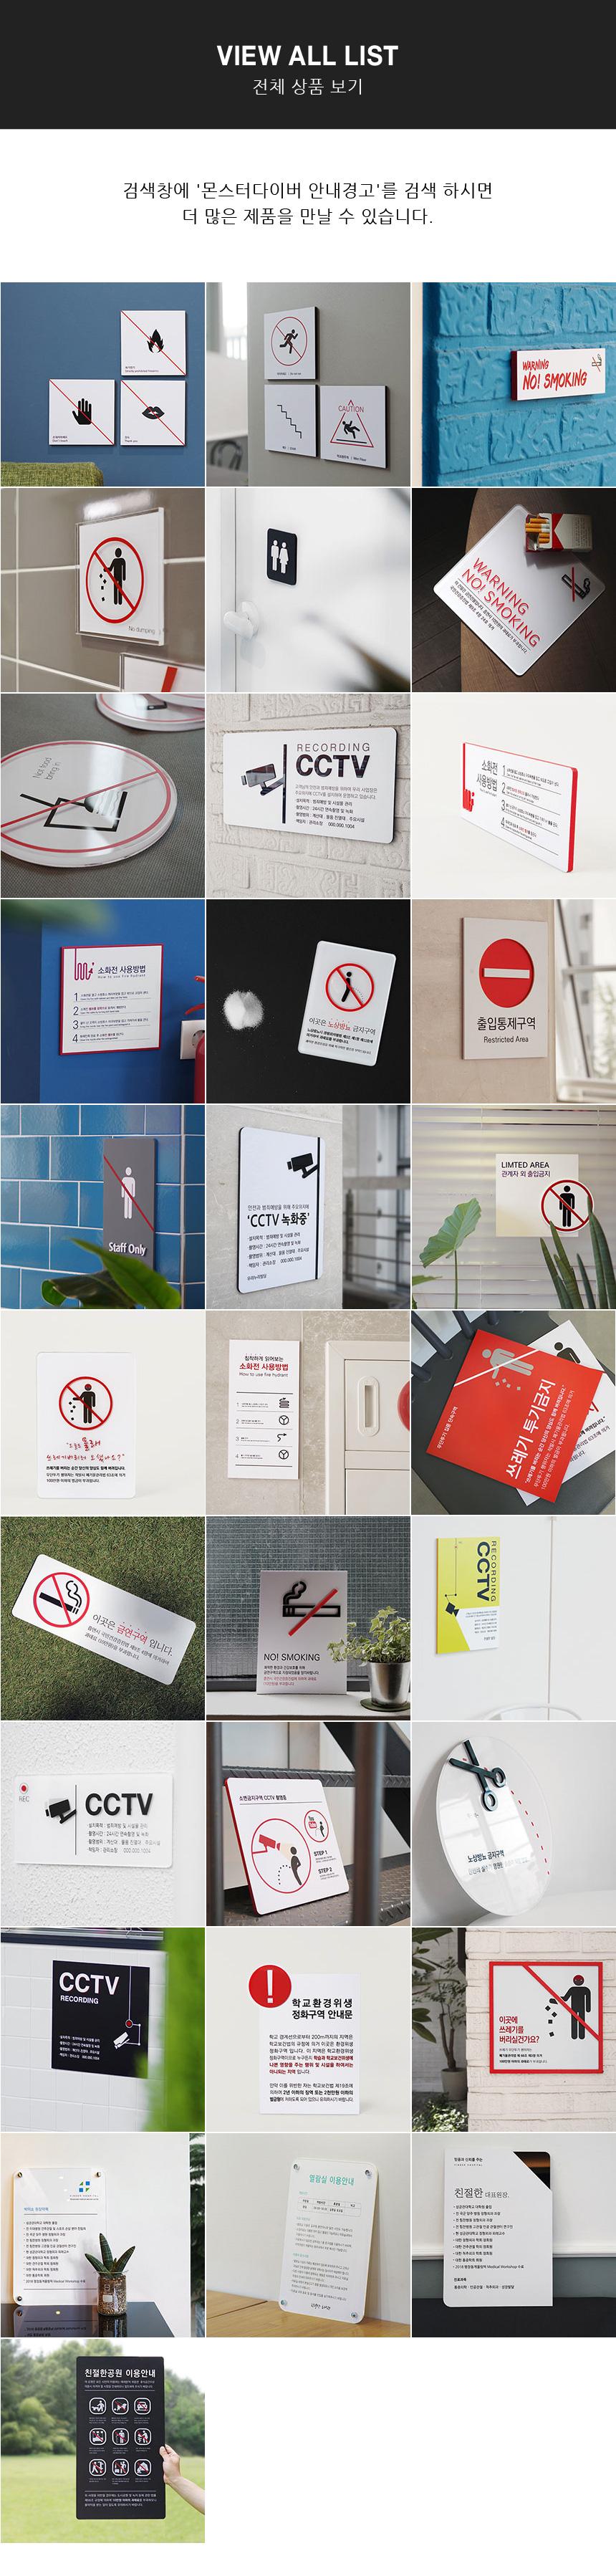 안내 경고 주의 금지 위험 표지판 보일랑말랑 - 몬스터다이버, 11,000원, 문패/보드, 아크릴문패